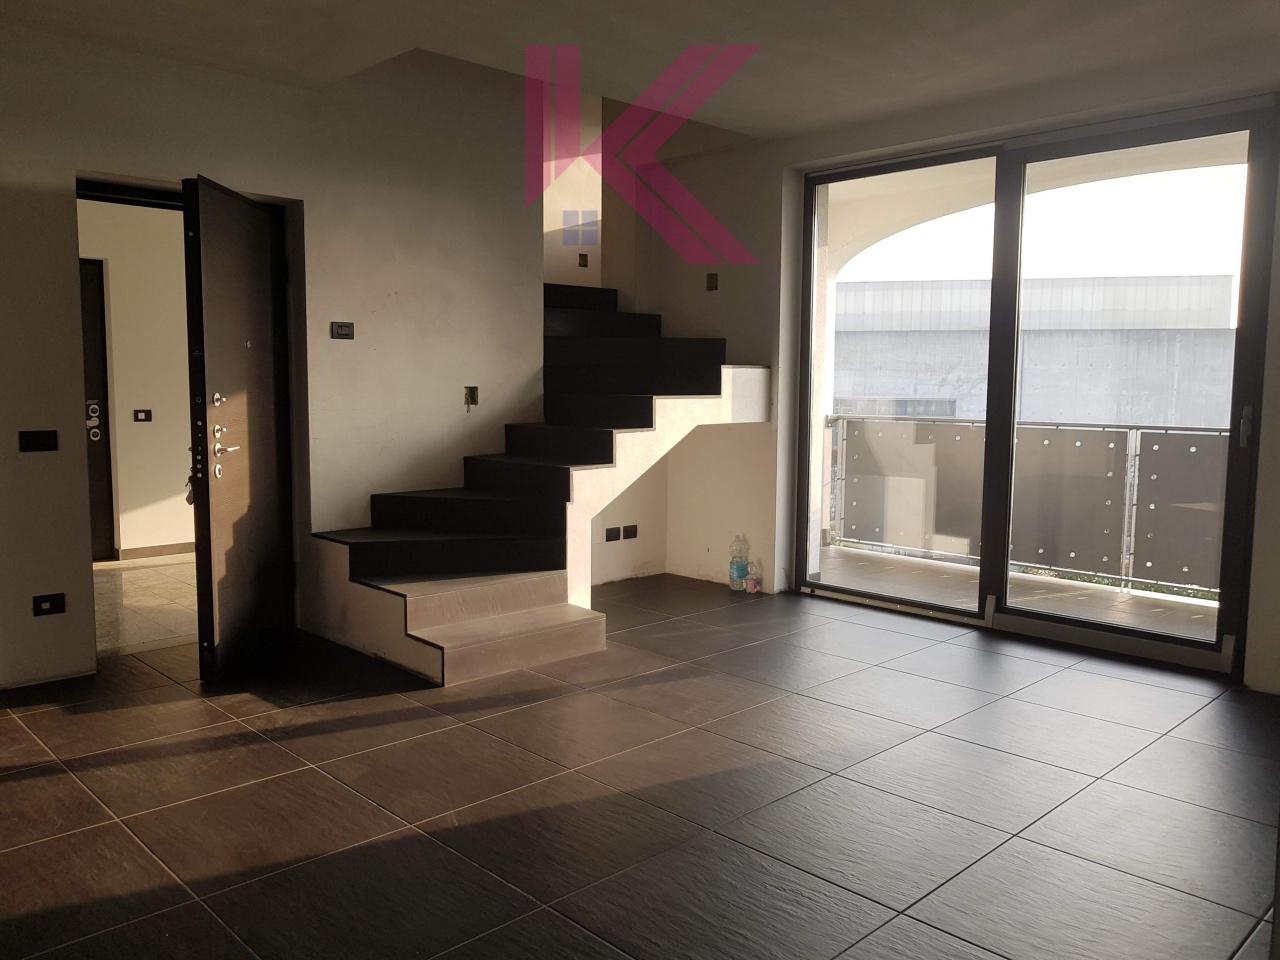 Appartamento in vendita a Novedrate, 4 locali, prezzo € 260.000 | PortaleAgenzieImmobiliari.it